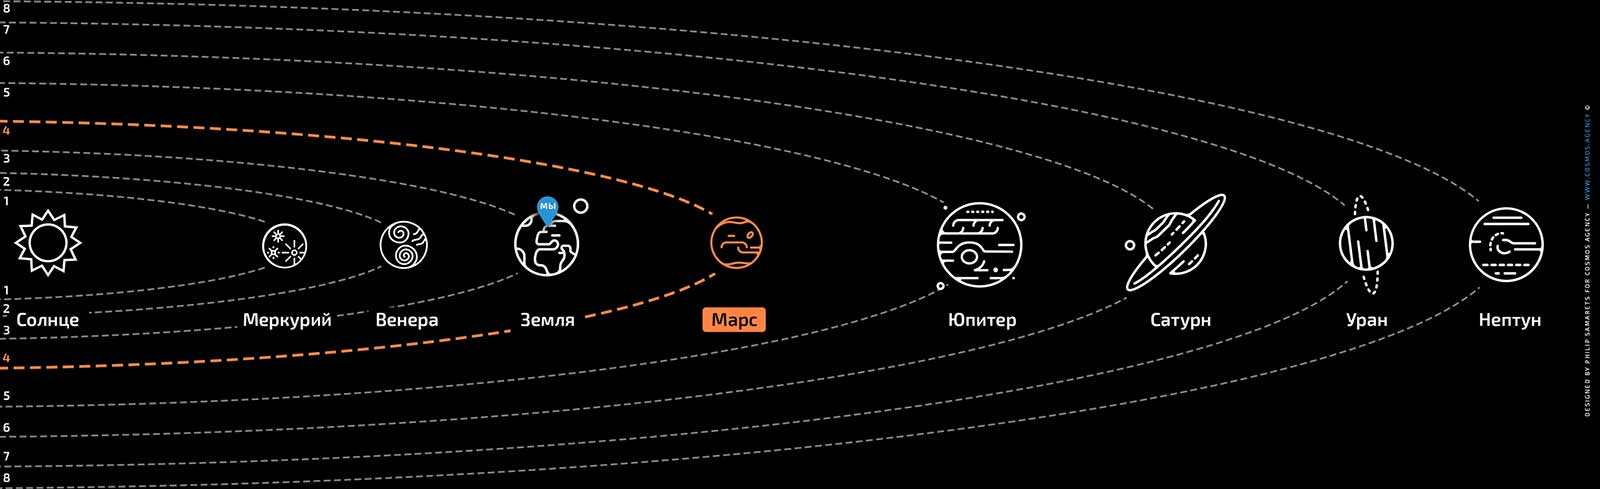 Расположение планеты Марс в Солнечной системе